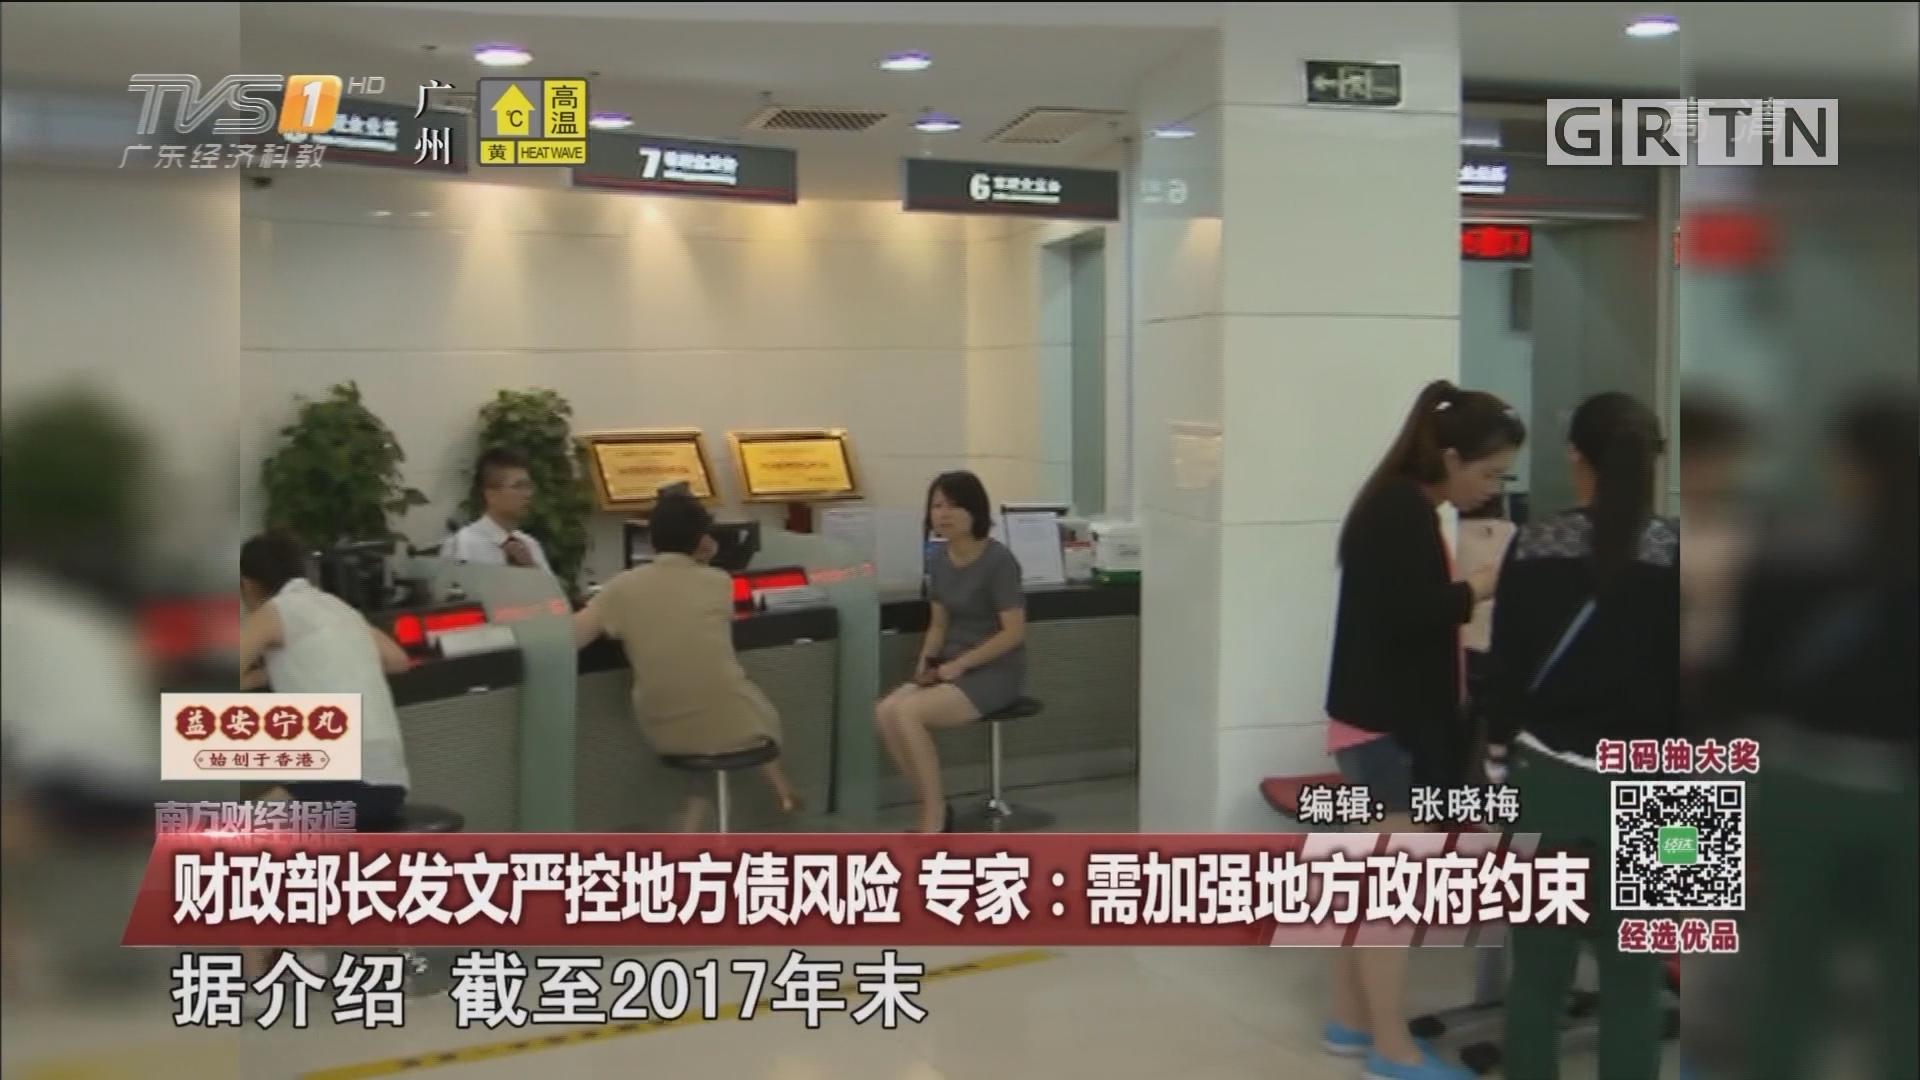 财政部长发文严控地方债风险 专家:需加强地方政府约束